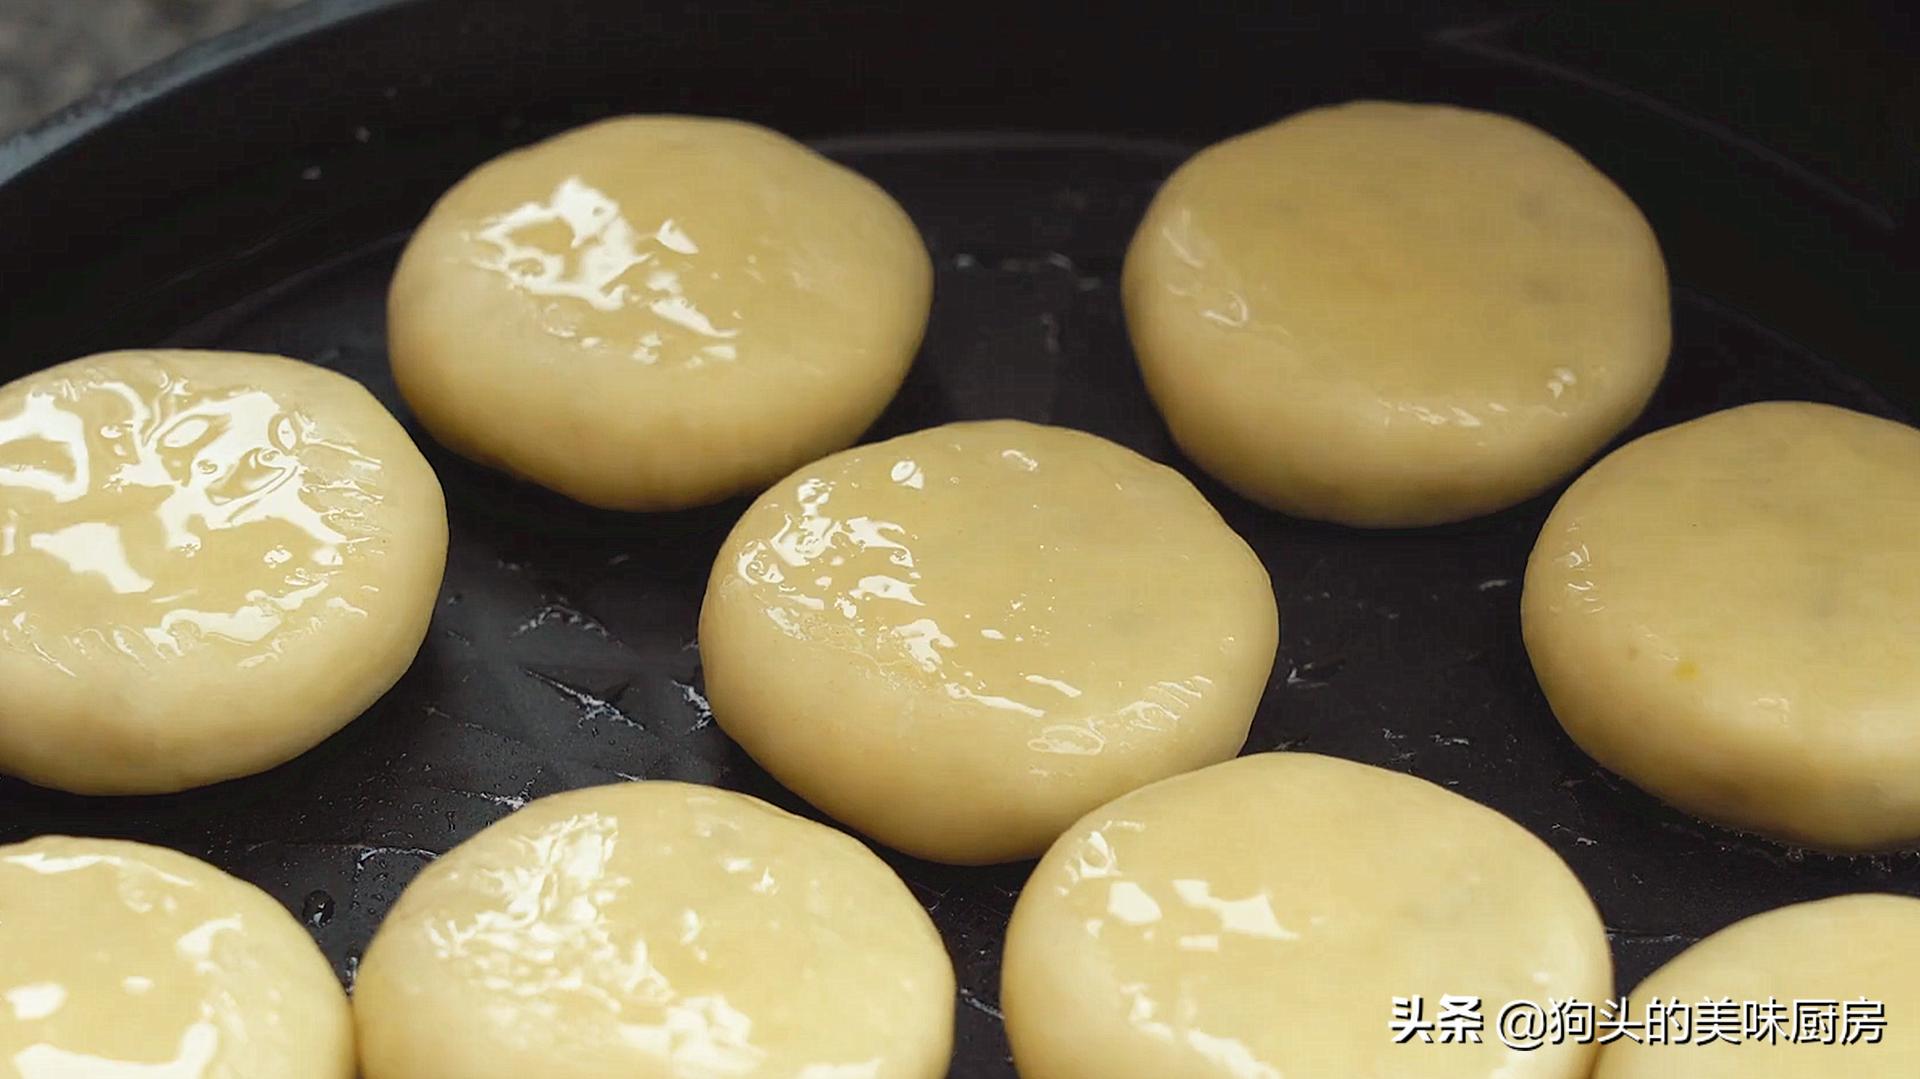 不做酥皮不用烤箱就能做的绿豆饼,清甜不油腻,比外面买的还好吃 美食做法 第16张